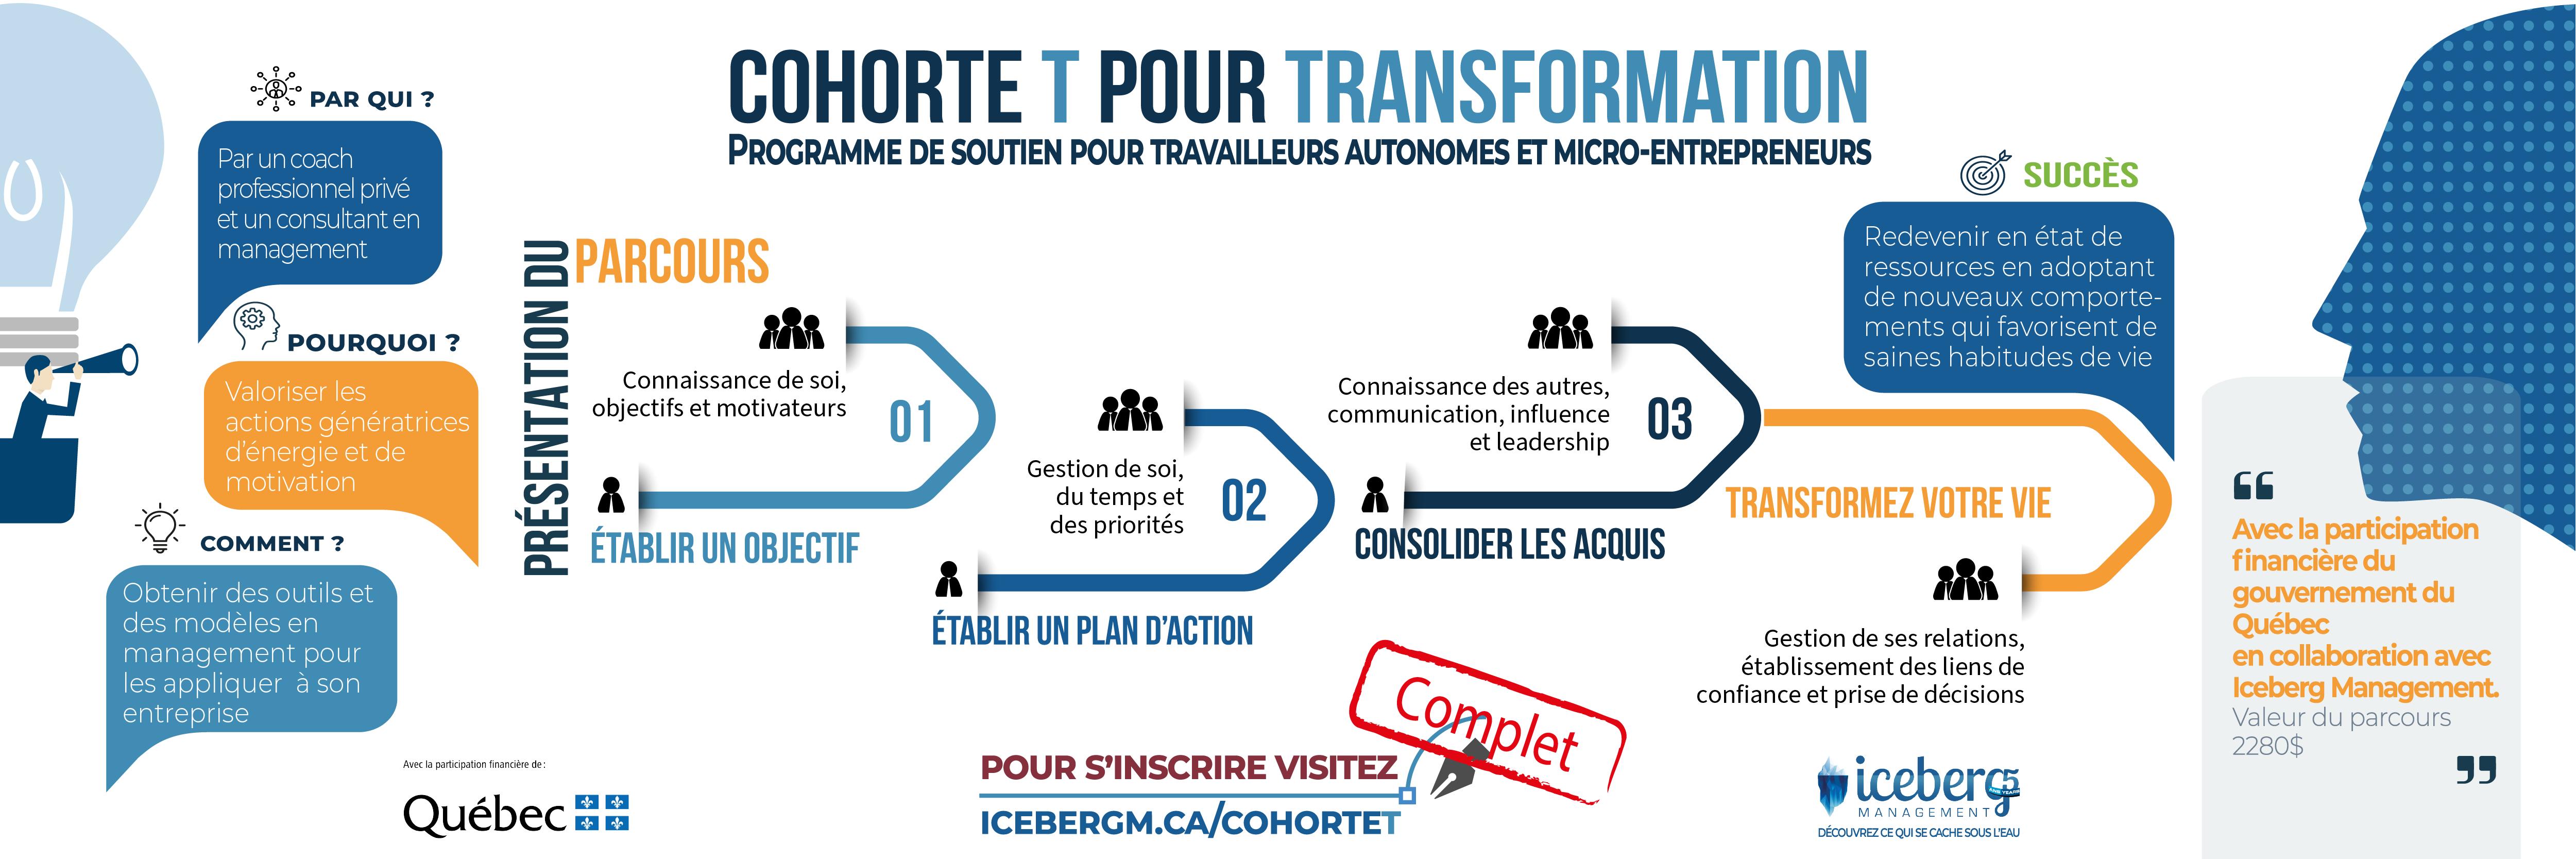 Cohorte T pour Transformation